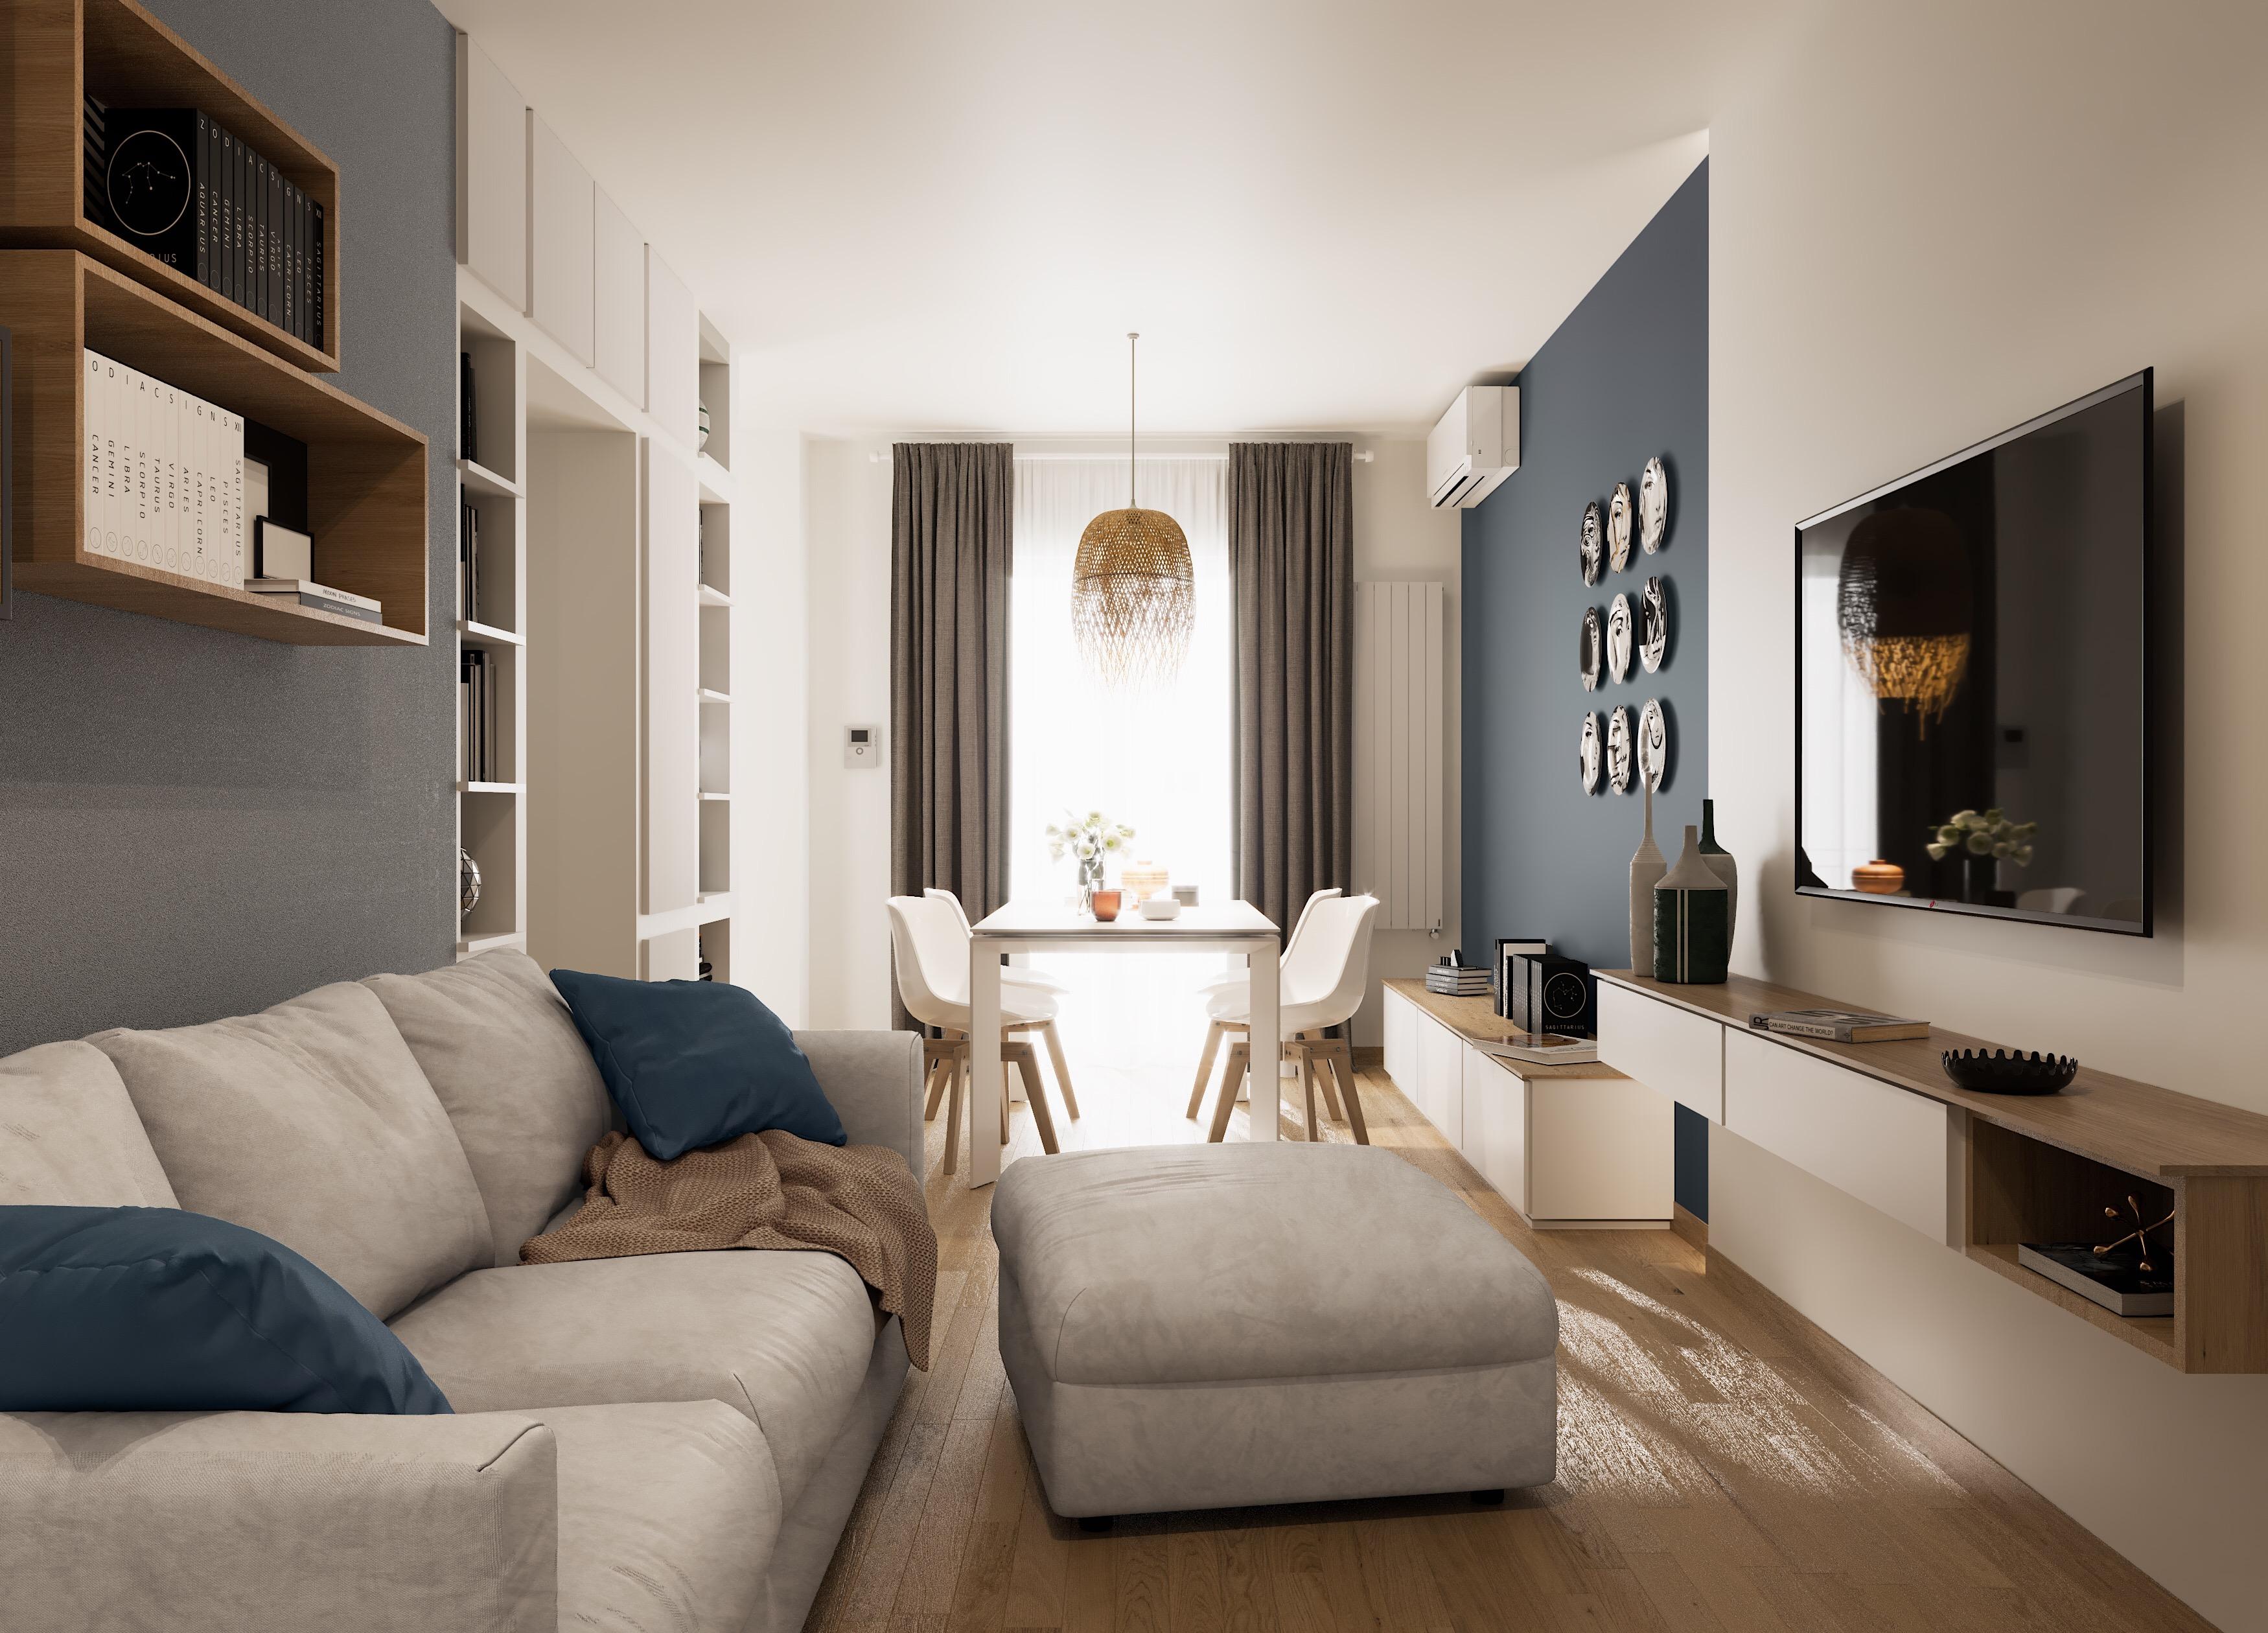 Colori Per Pareti Casa Moderna arredare con i colori neutri: 5 idee per ambienti con